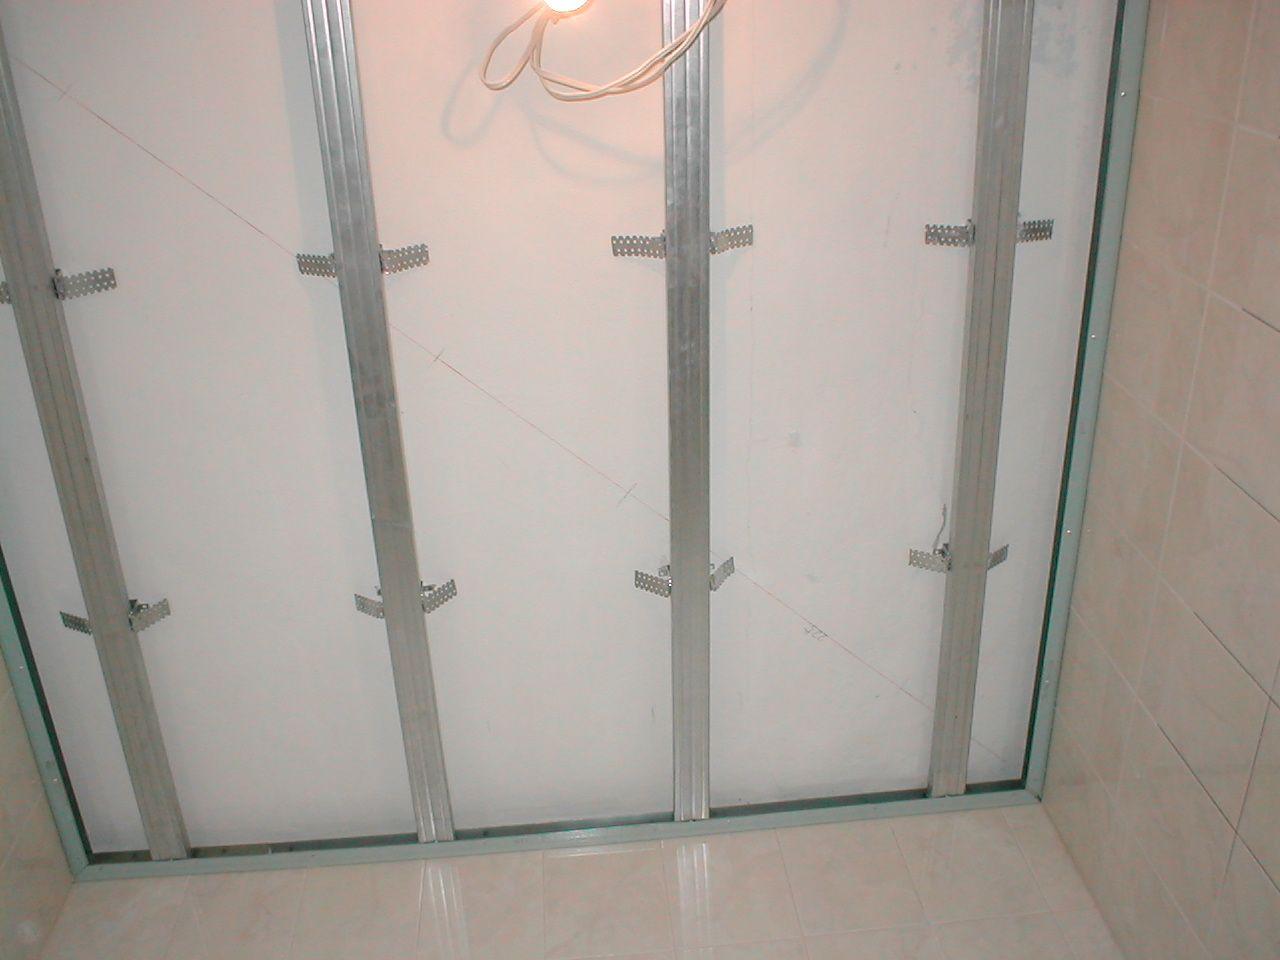 Papier peint autocollant plafond metz devis gratuit for Nettoyage plafond tendu barrisol